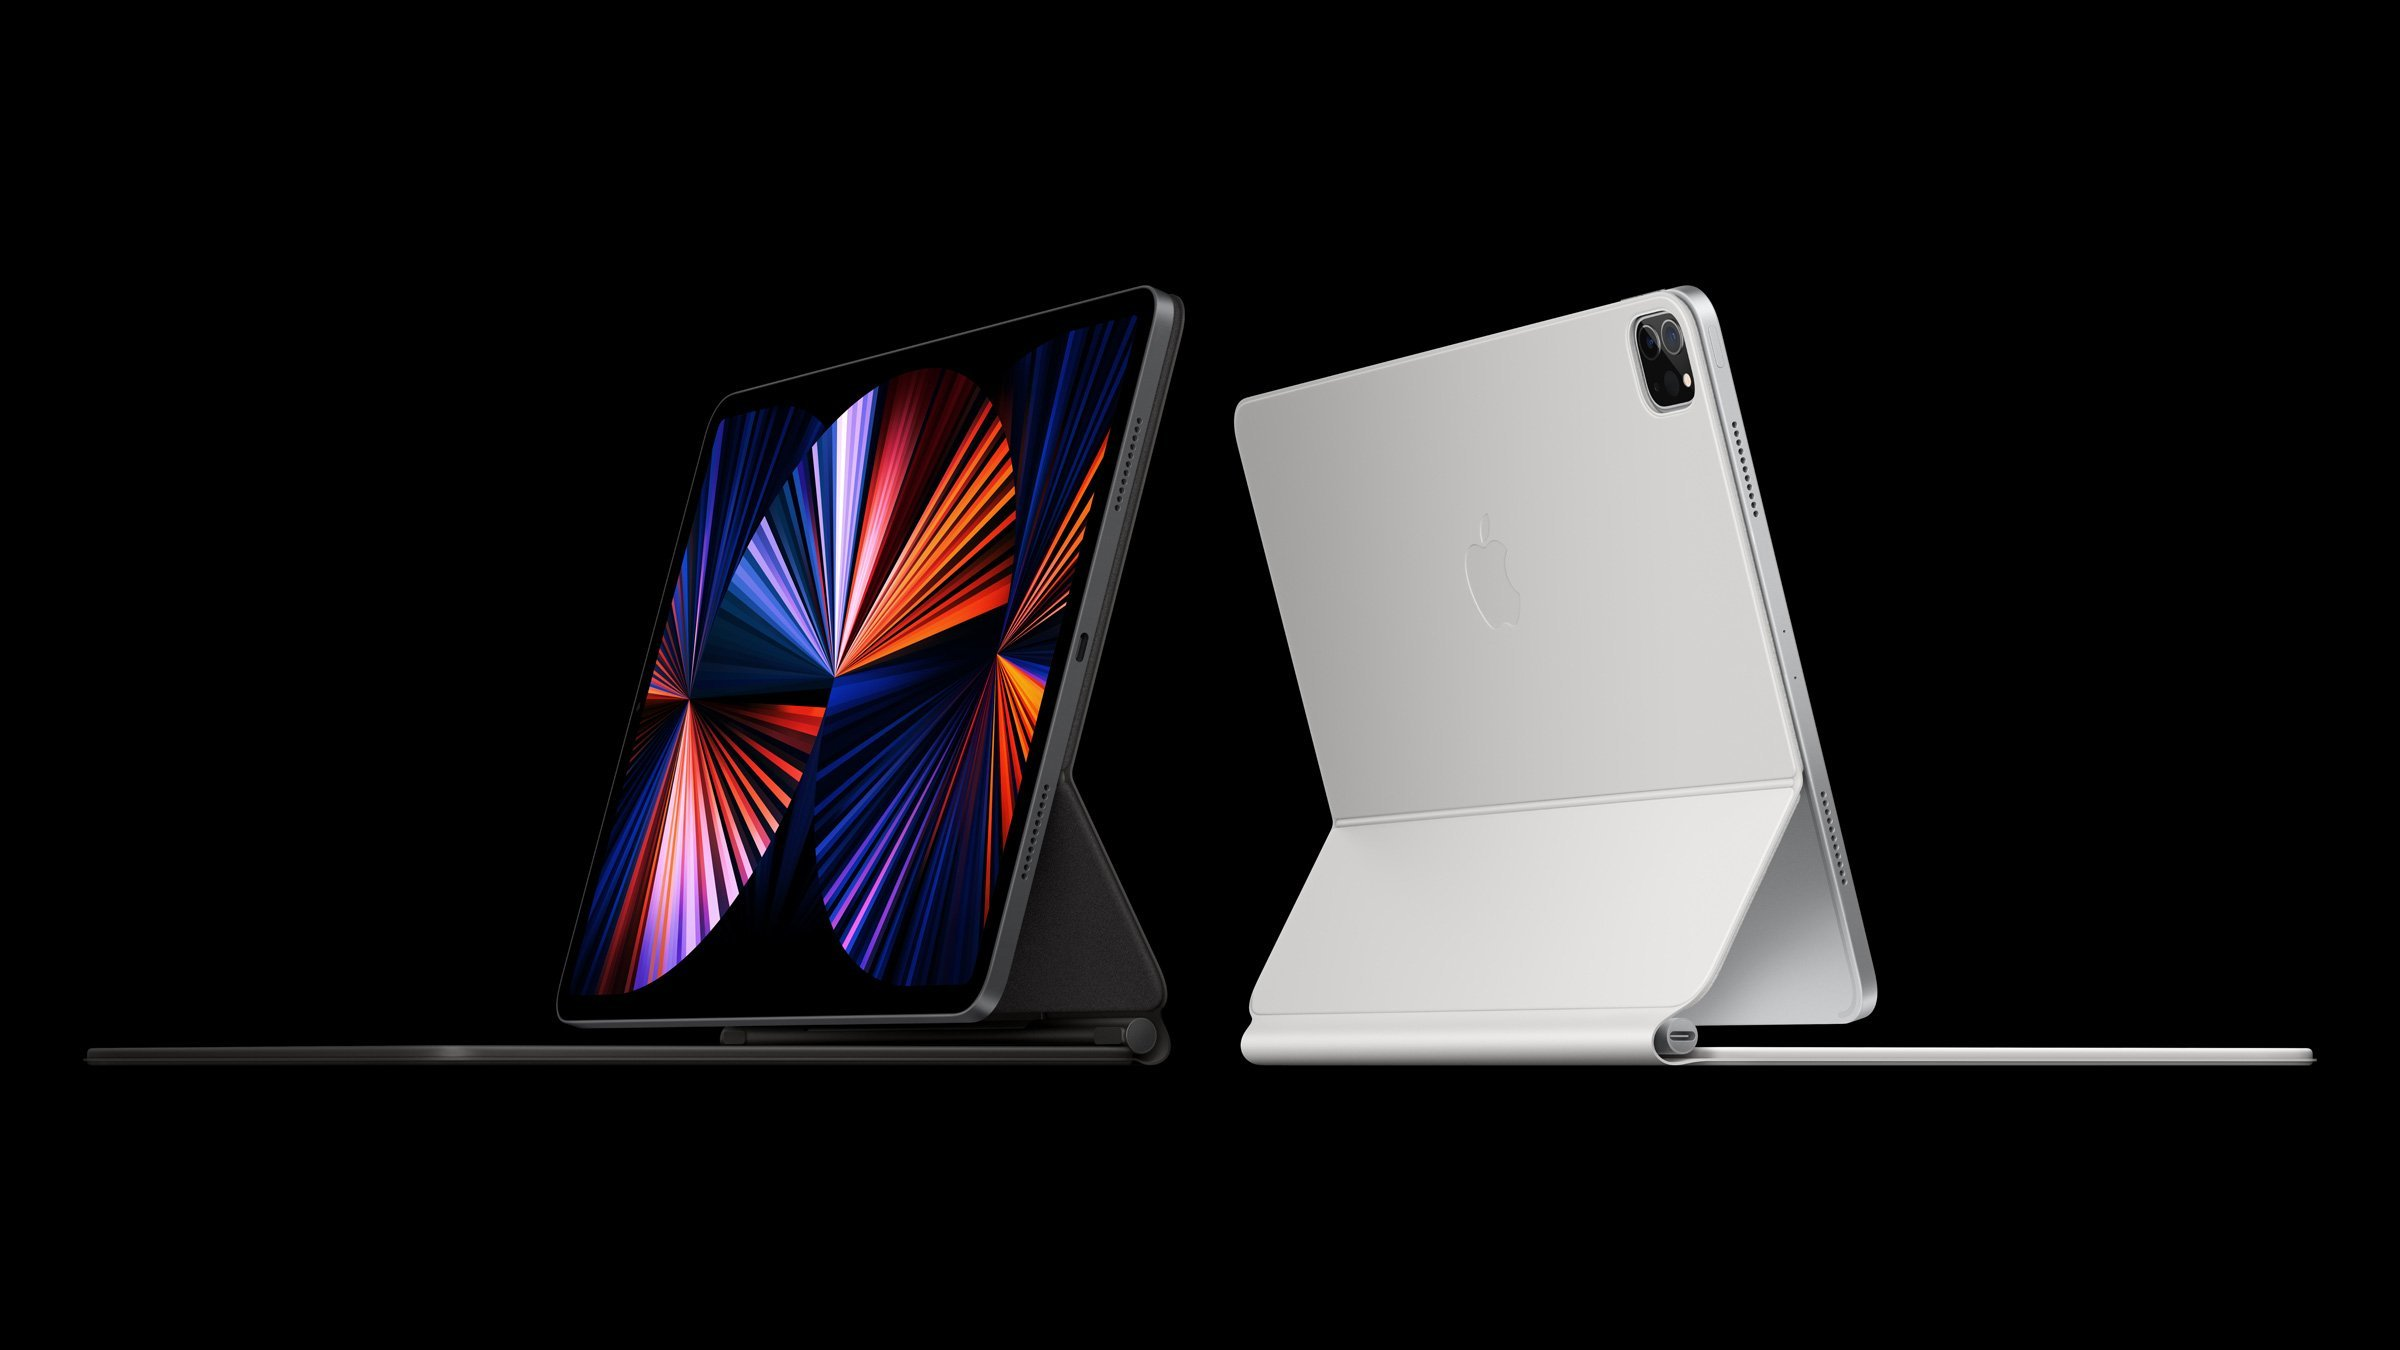 Promis juré, pas de fusion Mac / iPad en vue… c'est Apple qui le dit